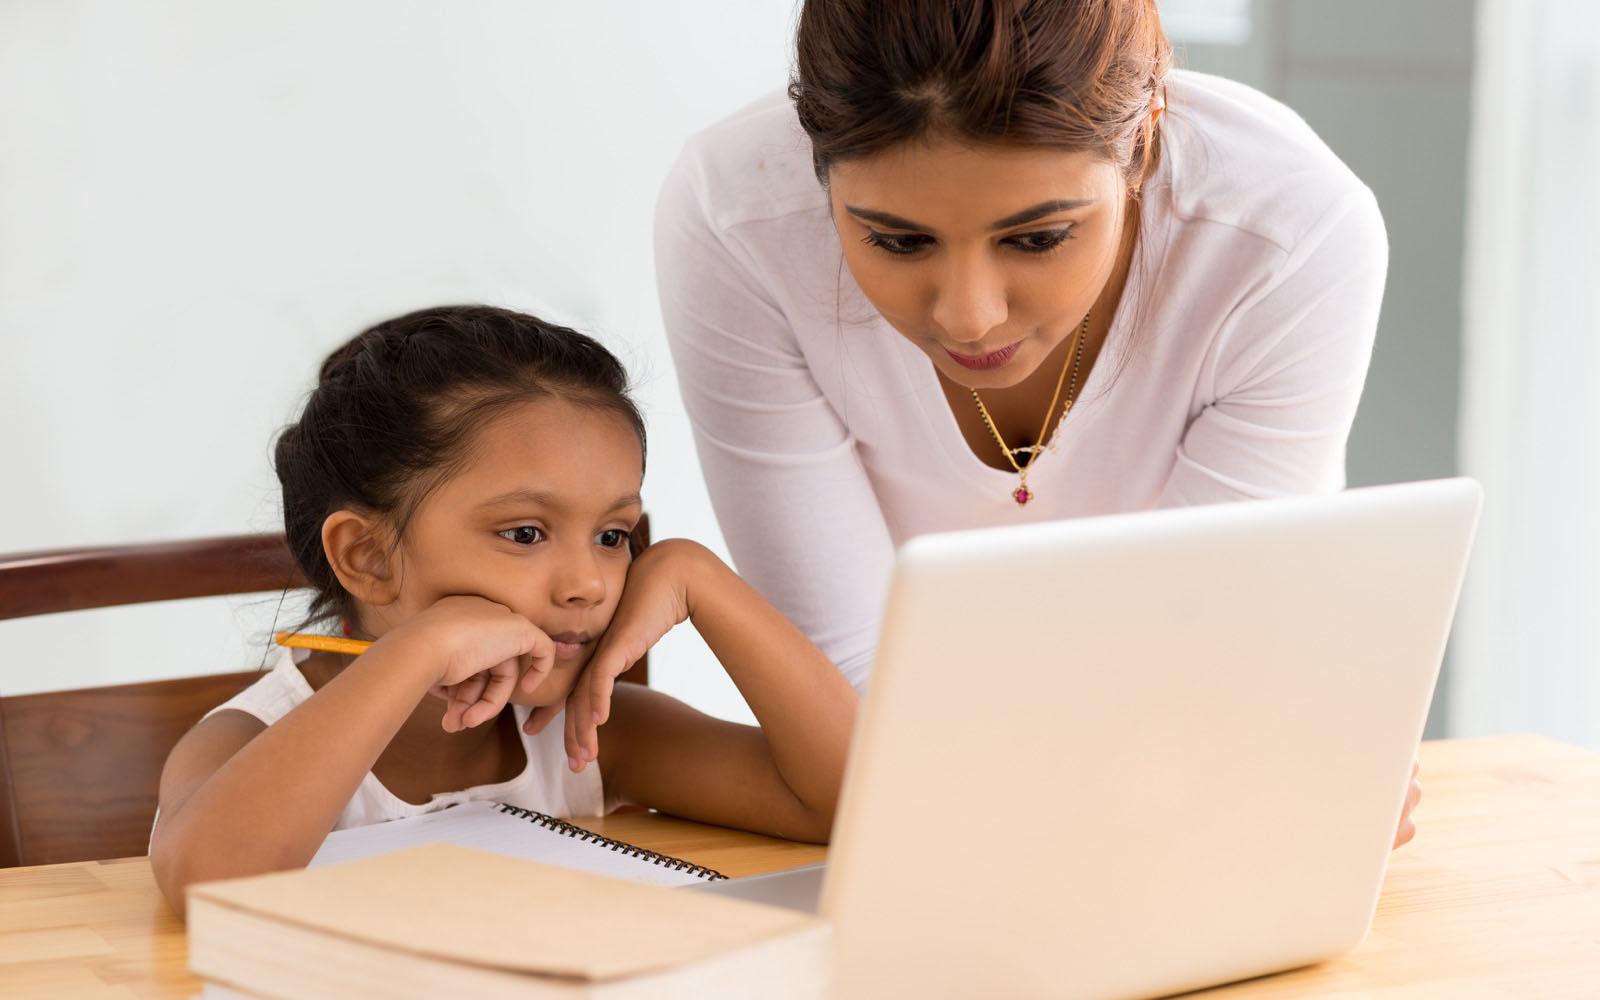 گوگل کریں '' بچوں کے تعلق سے معلومات آن لائن '''